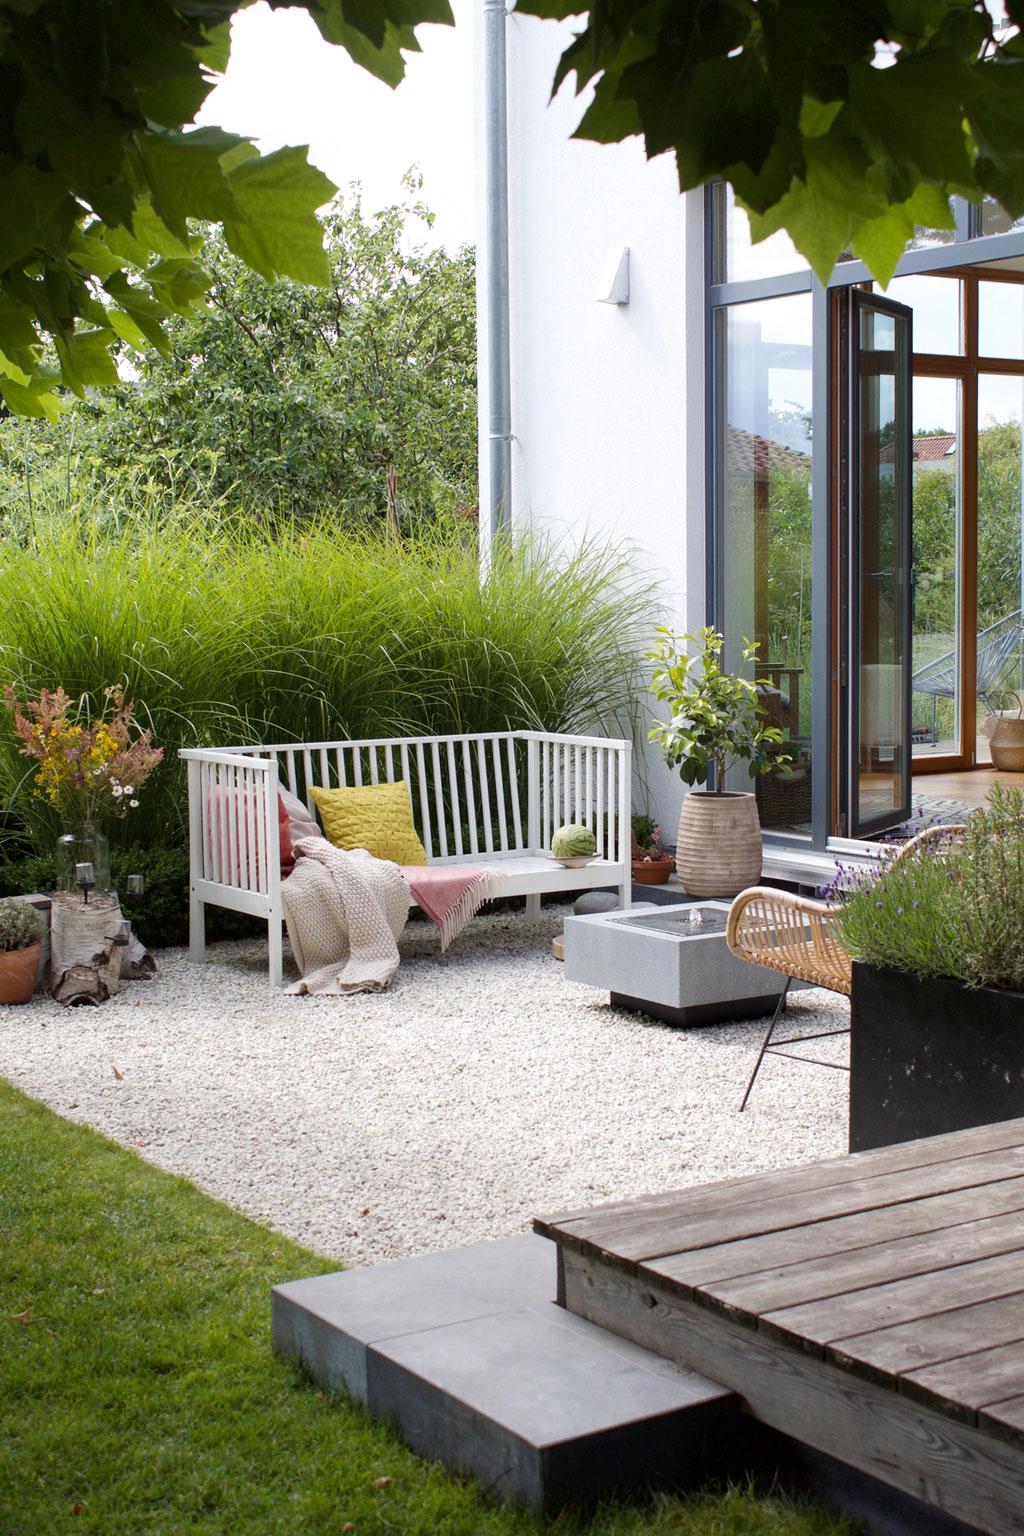 dieartigeBLOG - Gartenbank mit Kissen in Rosa und Zitronengelb, Kies-Terrasse, Gräser, Brunnen, Wiesenblumenstrauß